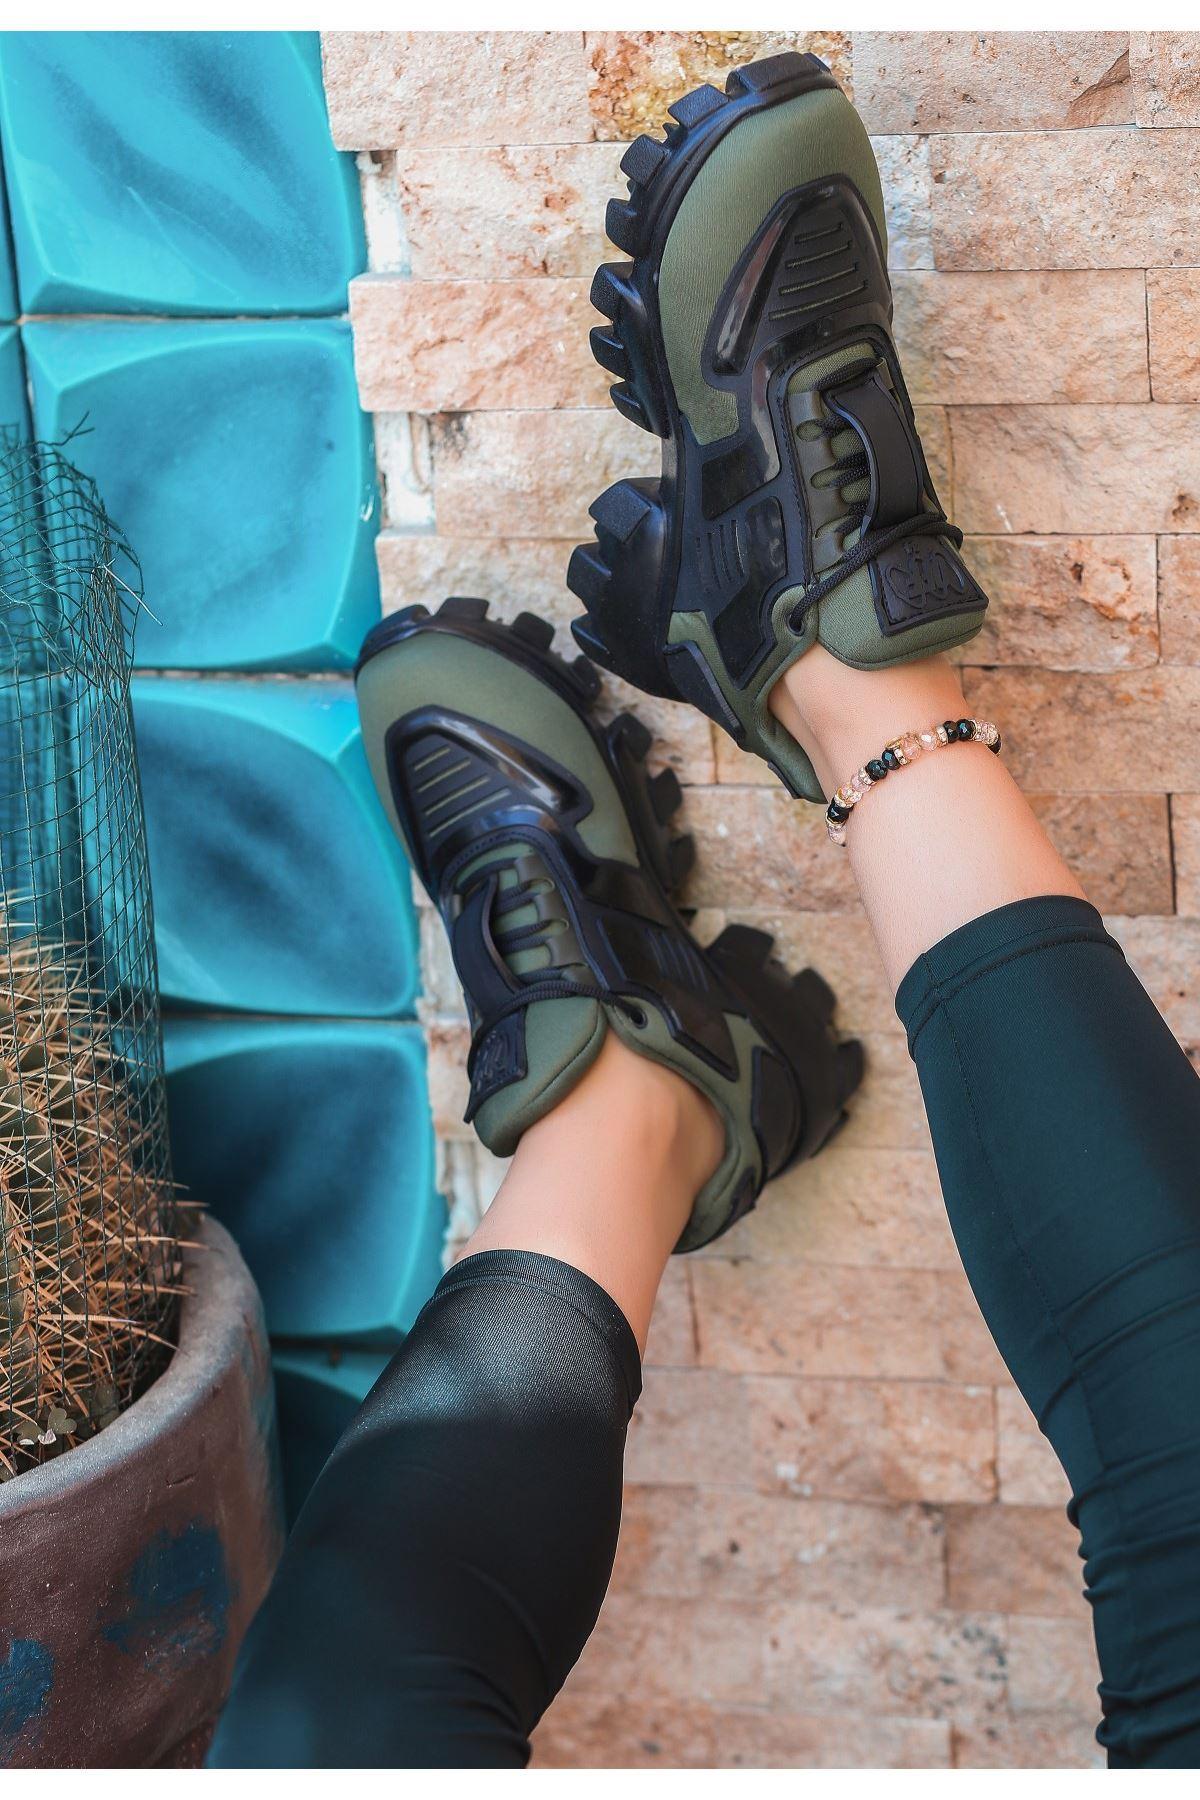 Moris Haki Yeşil Bağcıklı Spor Ayakkabı